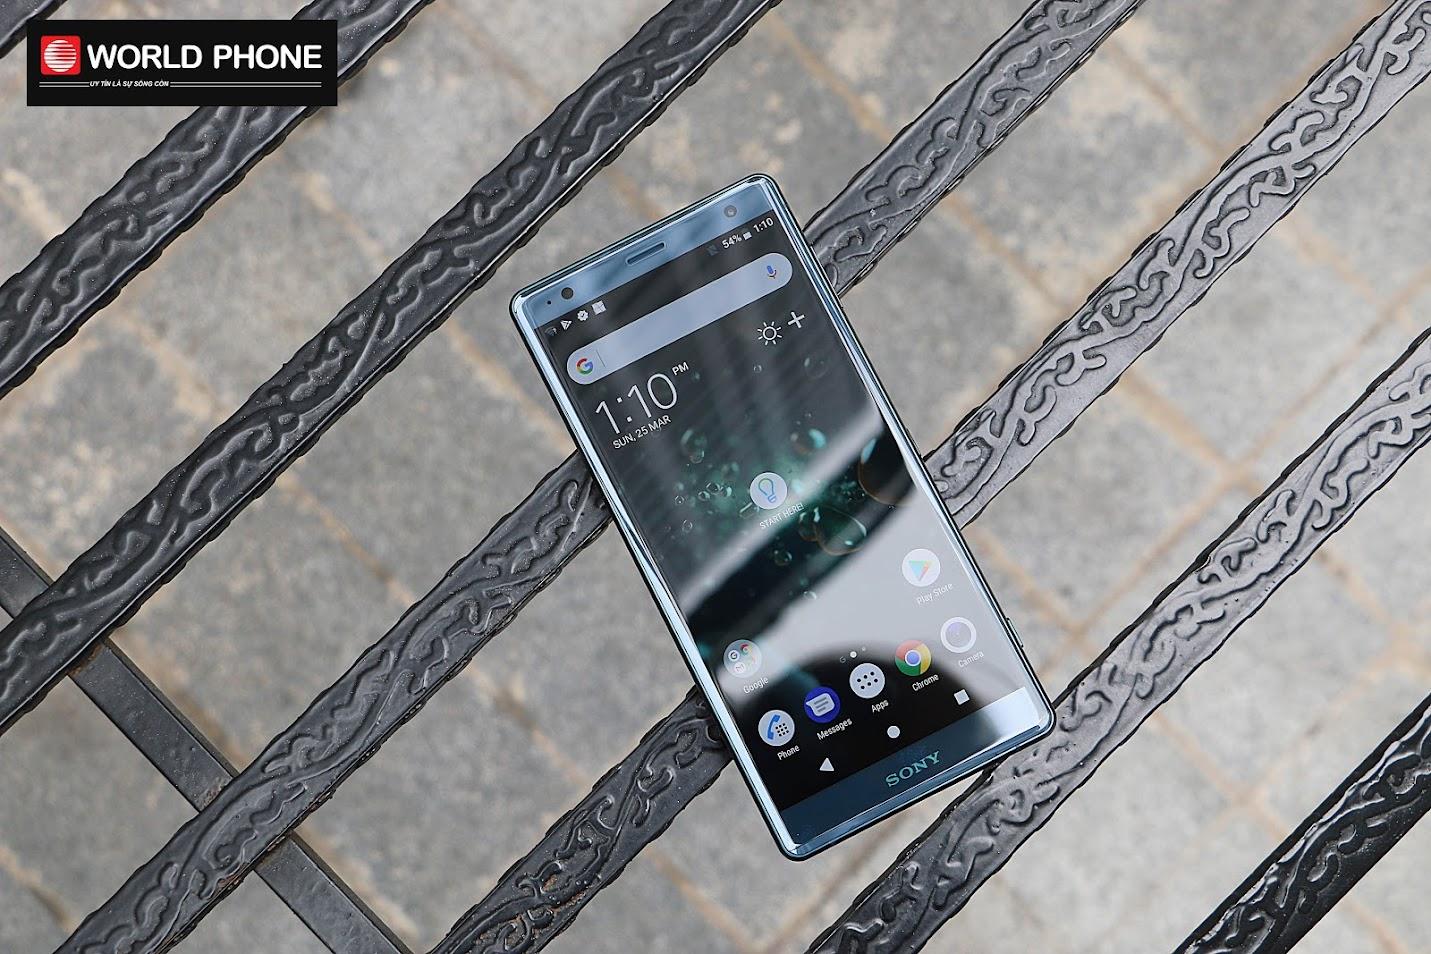 Sony Xperia Z2 được trang bị màn hình IPS LCD 5.7 inch độ phân giải Full HD+, tỷ lệ 18:9 và hỗ trợ HDR